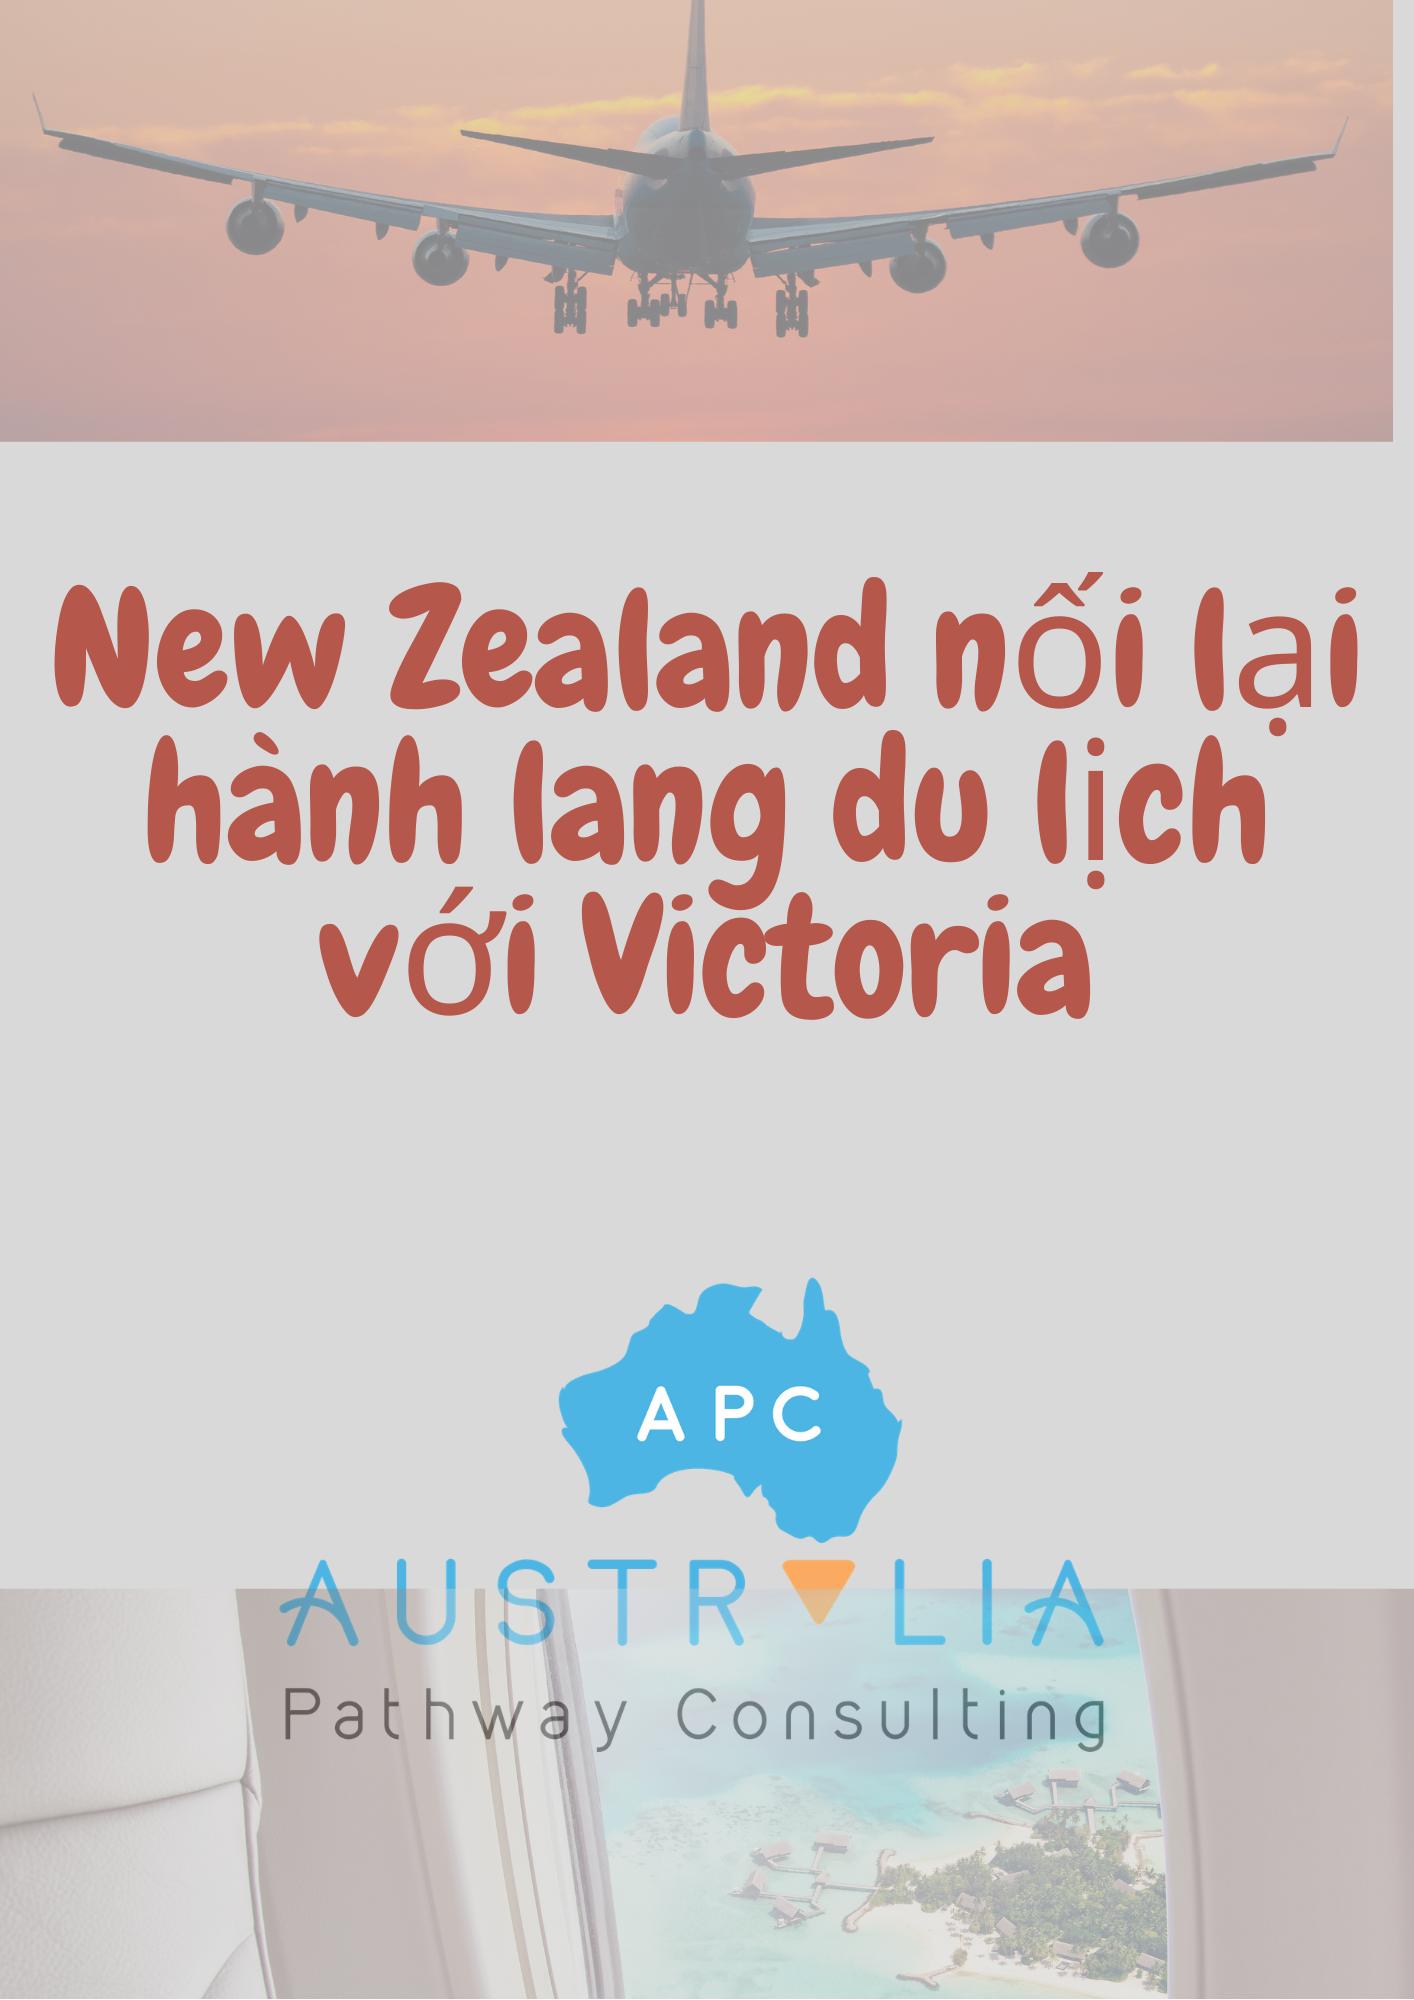 New Zealand nối lại hành lang du lịch với Victoria